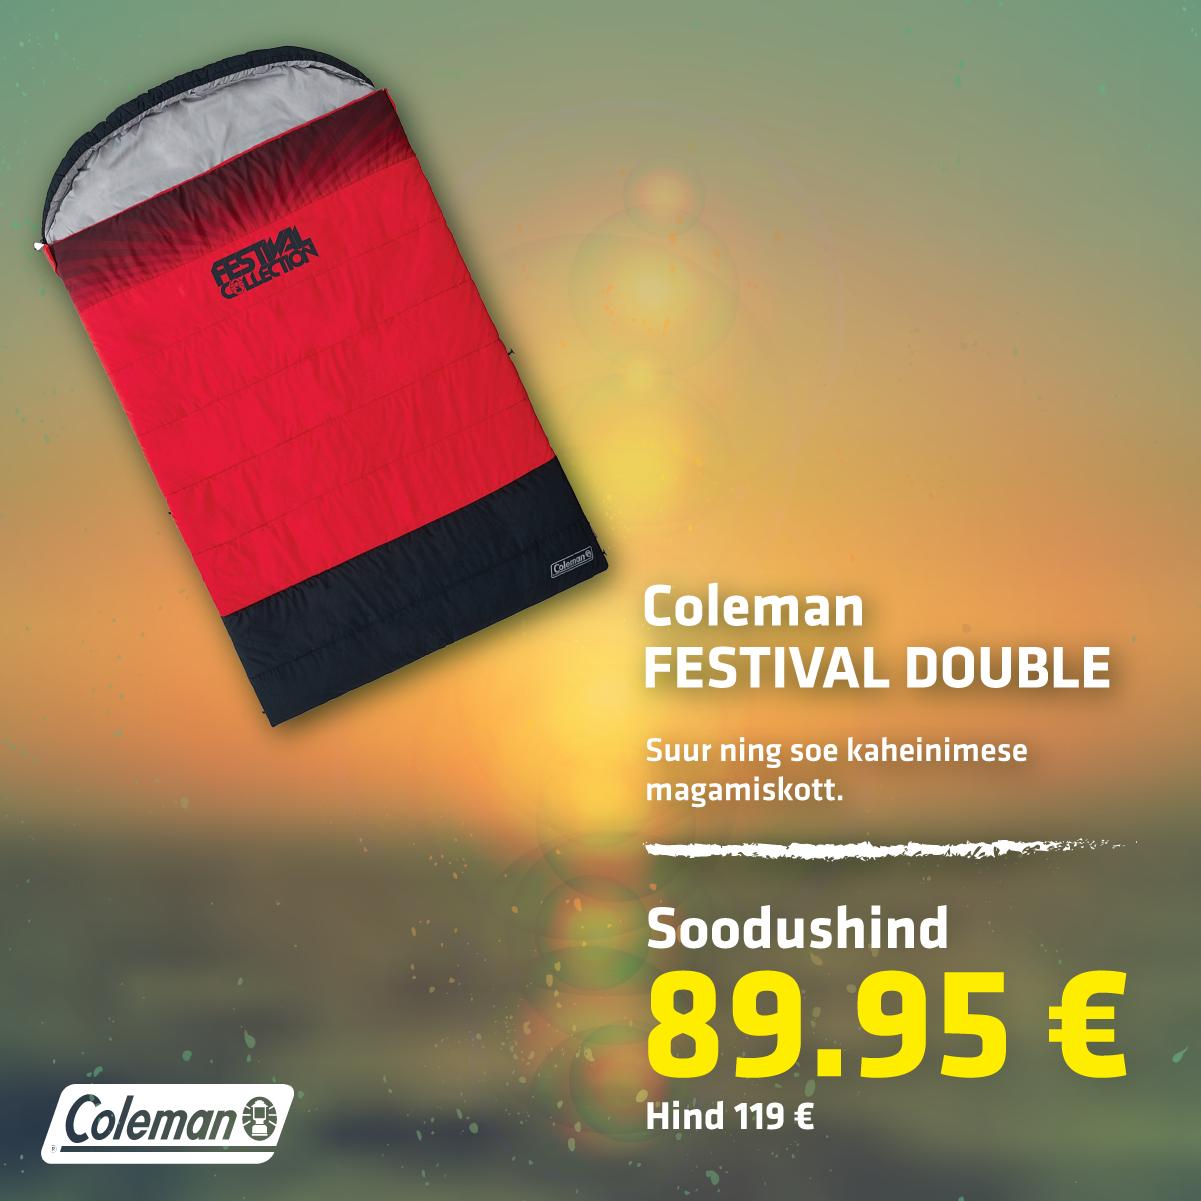 Coleman Festival Double